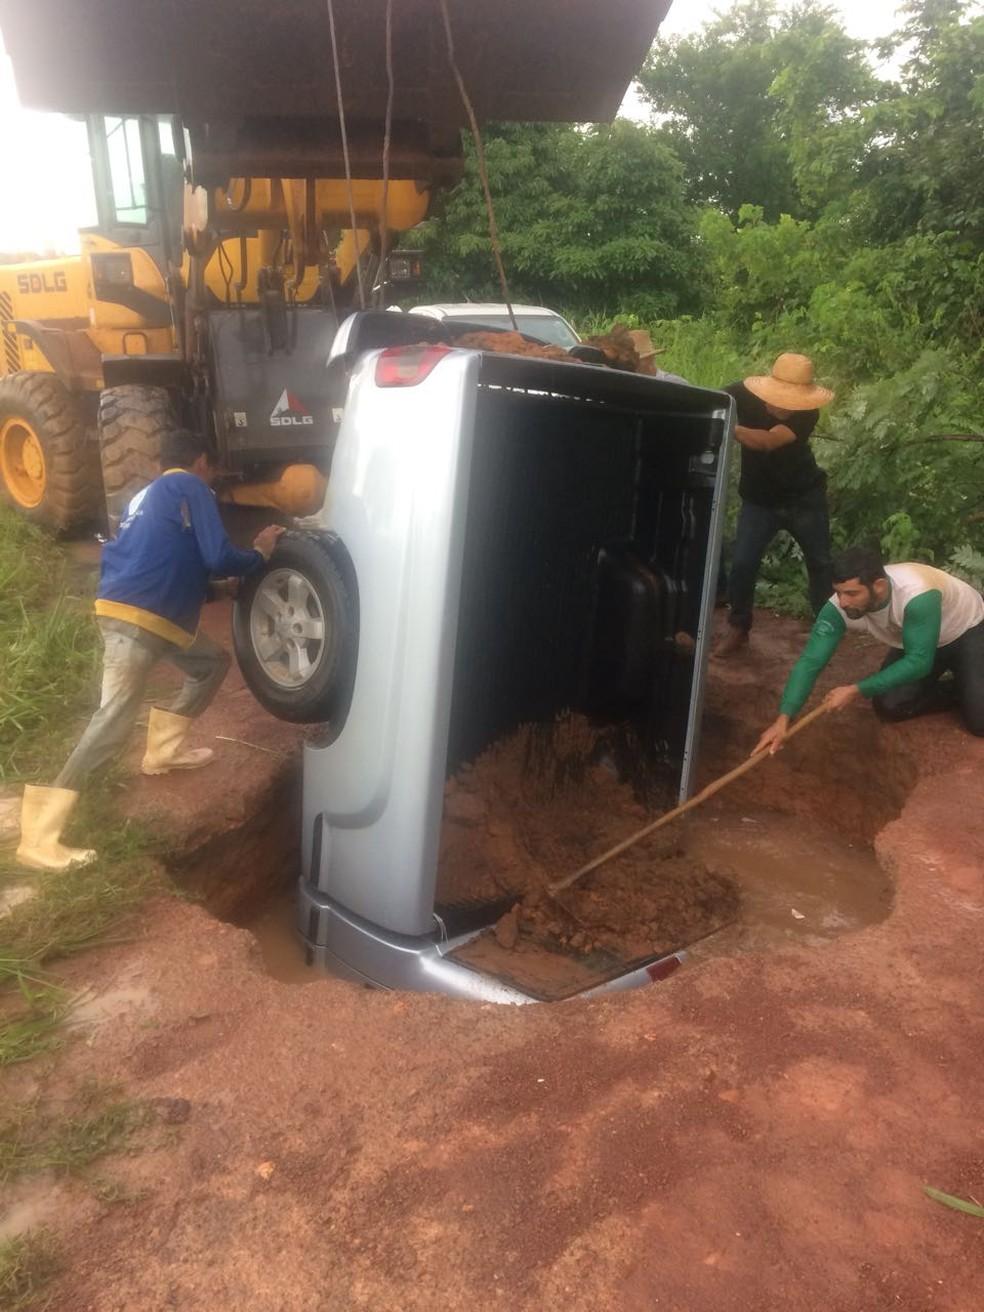 Caminhonete foi 'engolida' por cratera de 7 metros em Cáceres; trator foi usado para puxar o veículo (Foto: Arquivo pessoal)